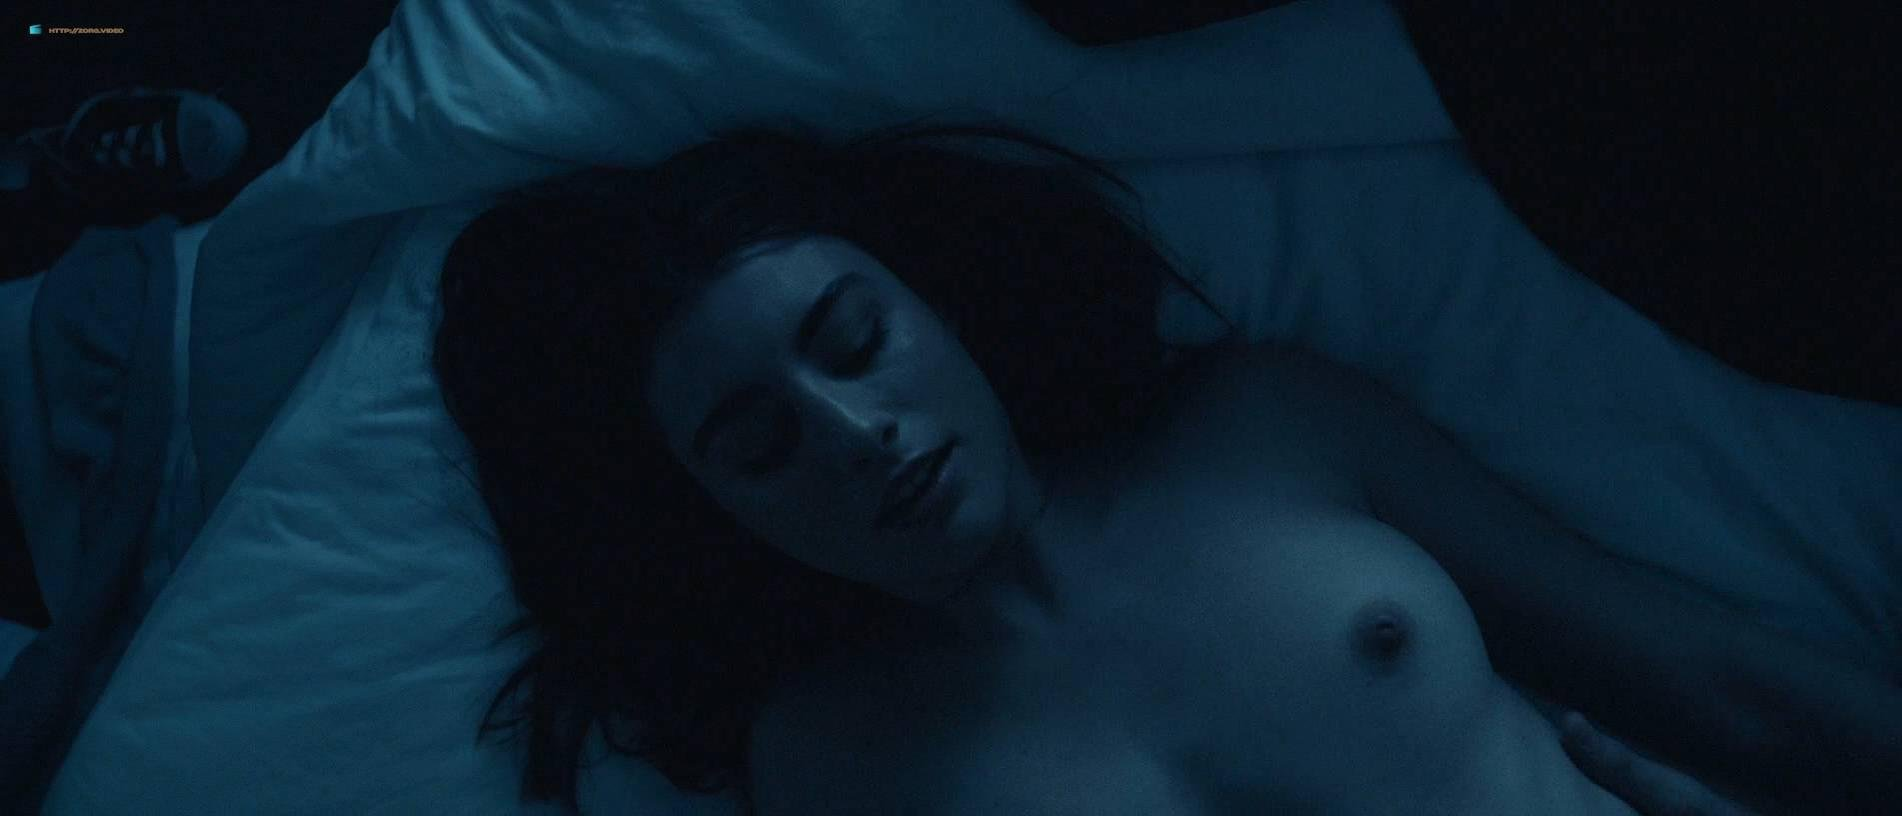 Dominik García-Lorido nude - Desolation (2017)